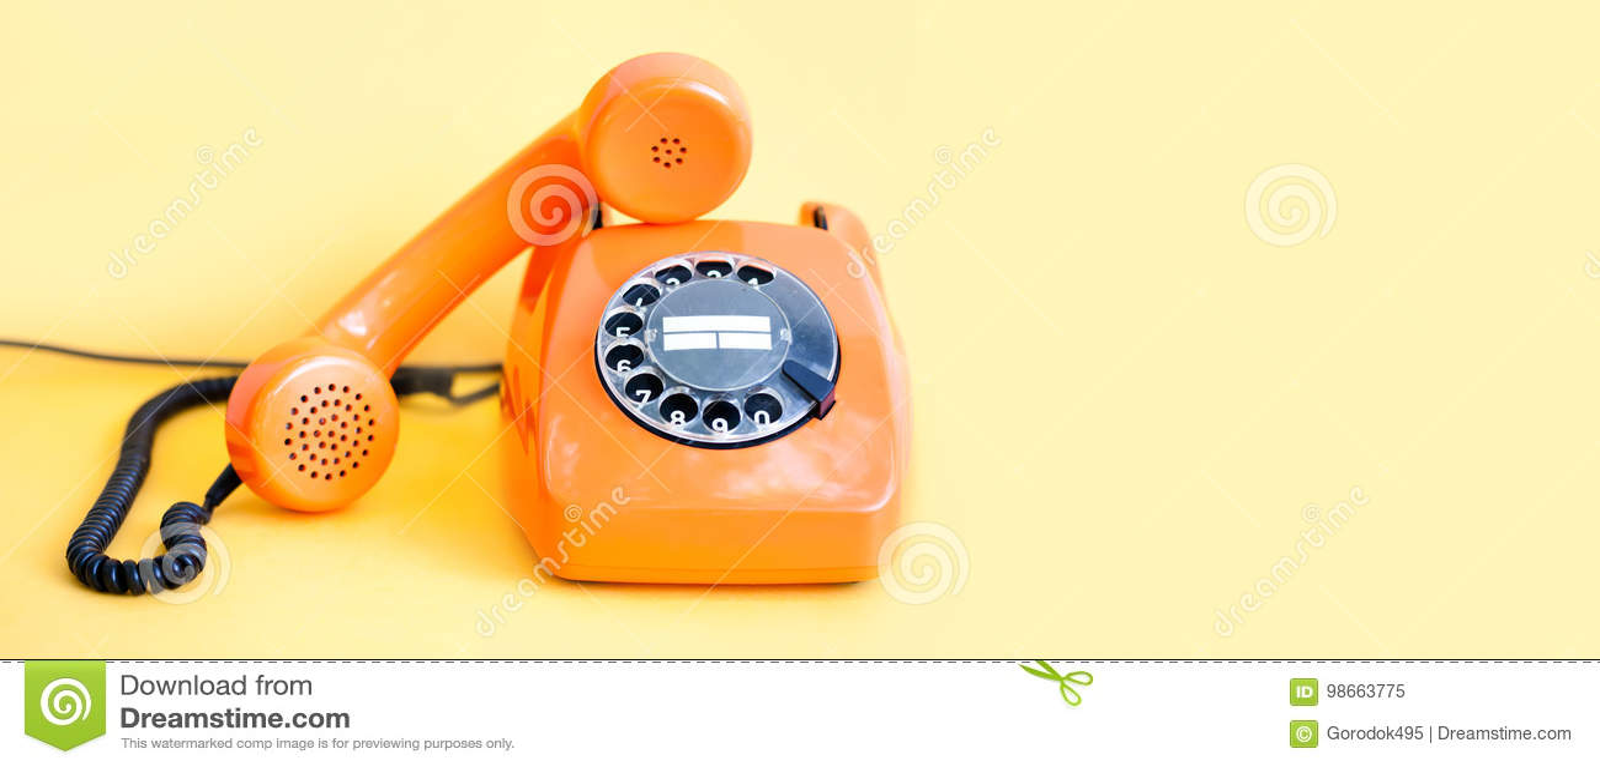 Rocznika telefonu handset ruchliwie odbiorca na żółtym tle Retro stylowego pomarańcze telefonu centrum telefonicznego komunikacyj